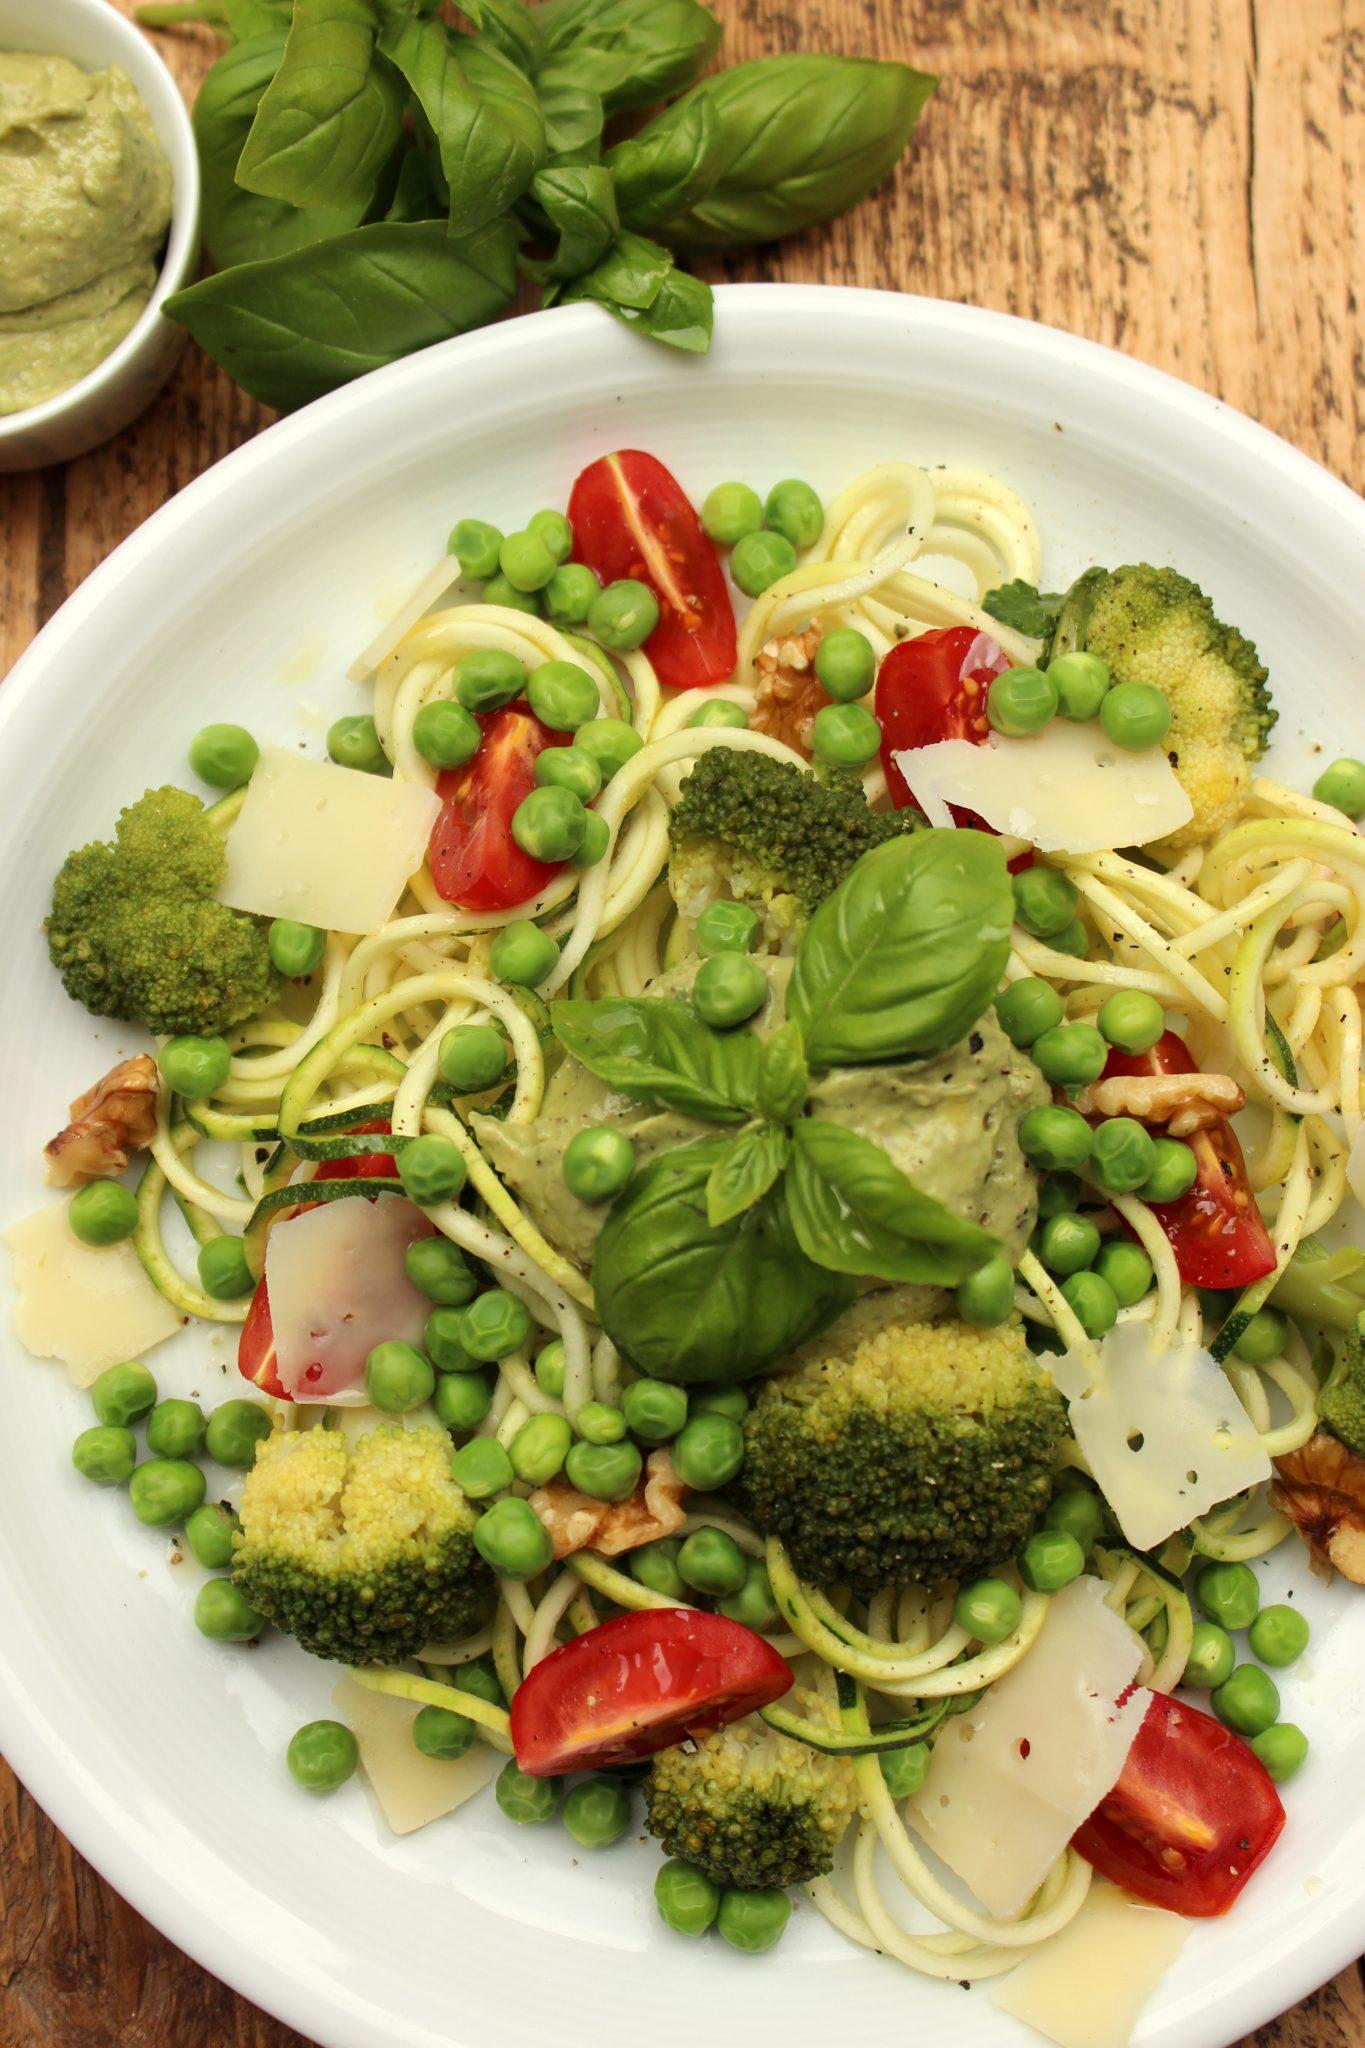 Zucchini-Nudeln mit Erbsen und Avocado-Walnuss-Pesto